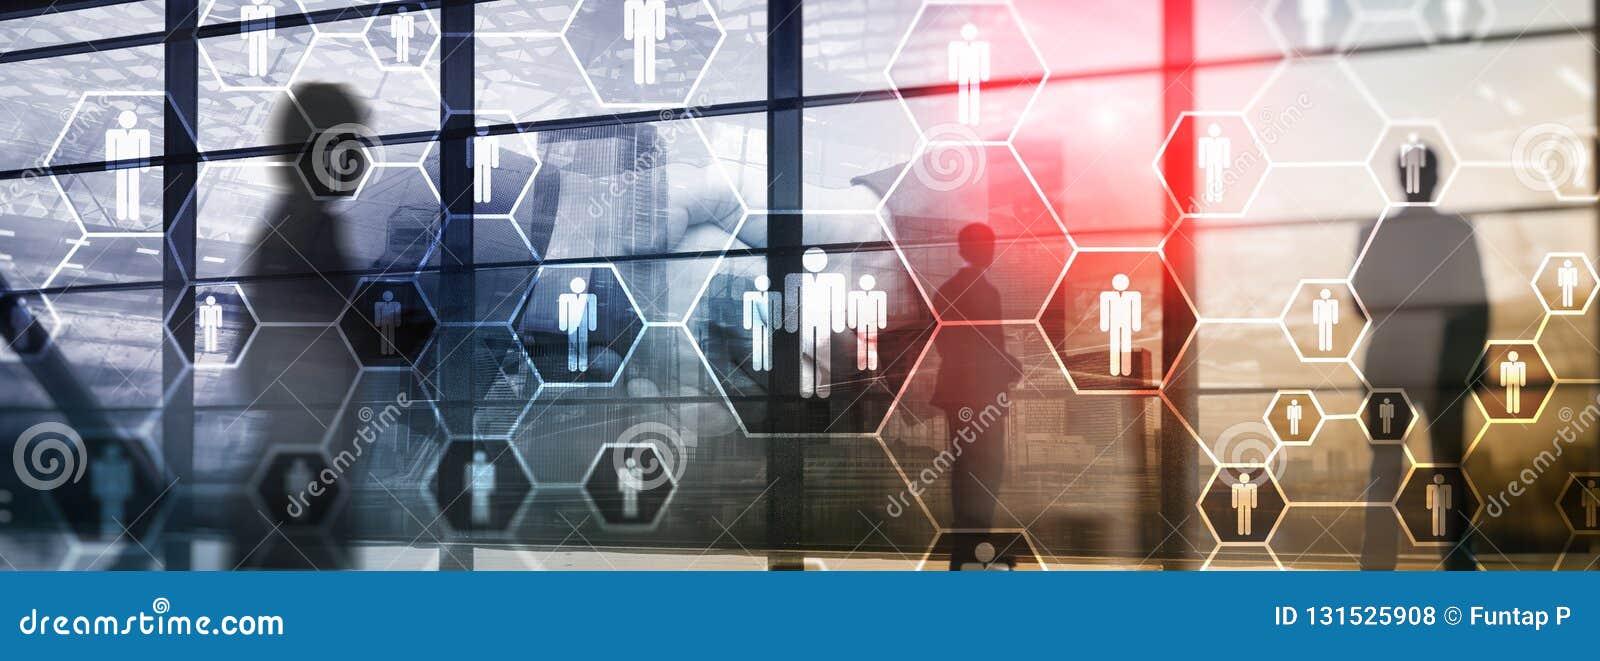 Heure, structure de ressources humaines, de recrutement, d organisation et concept social de réseau